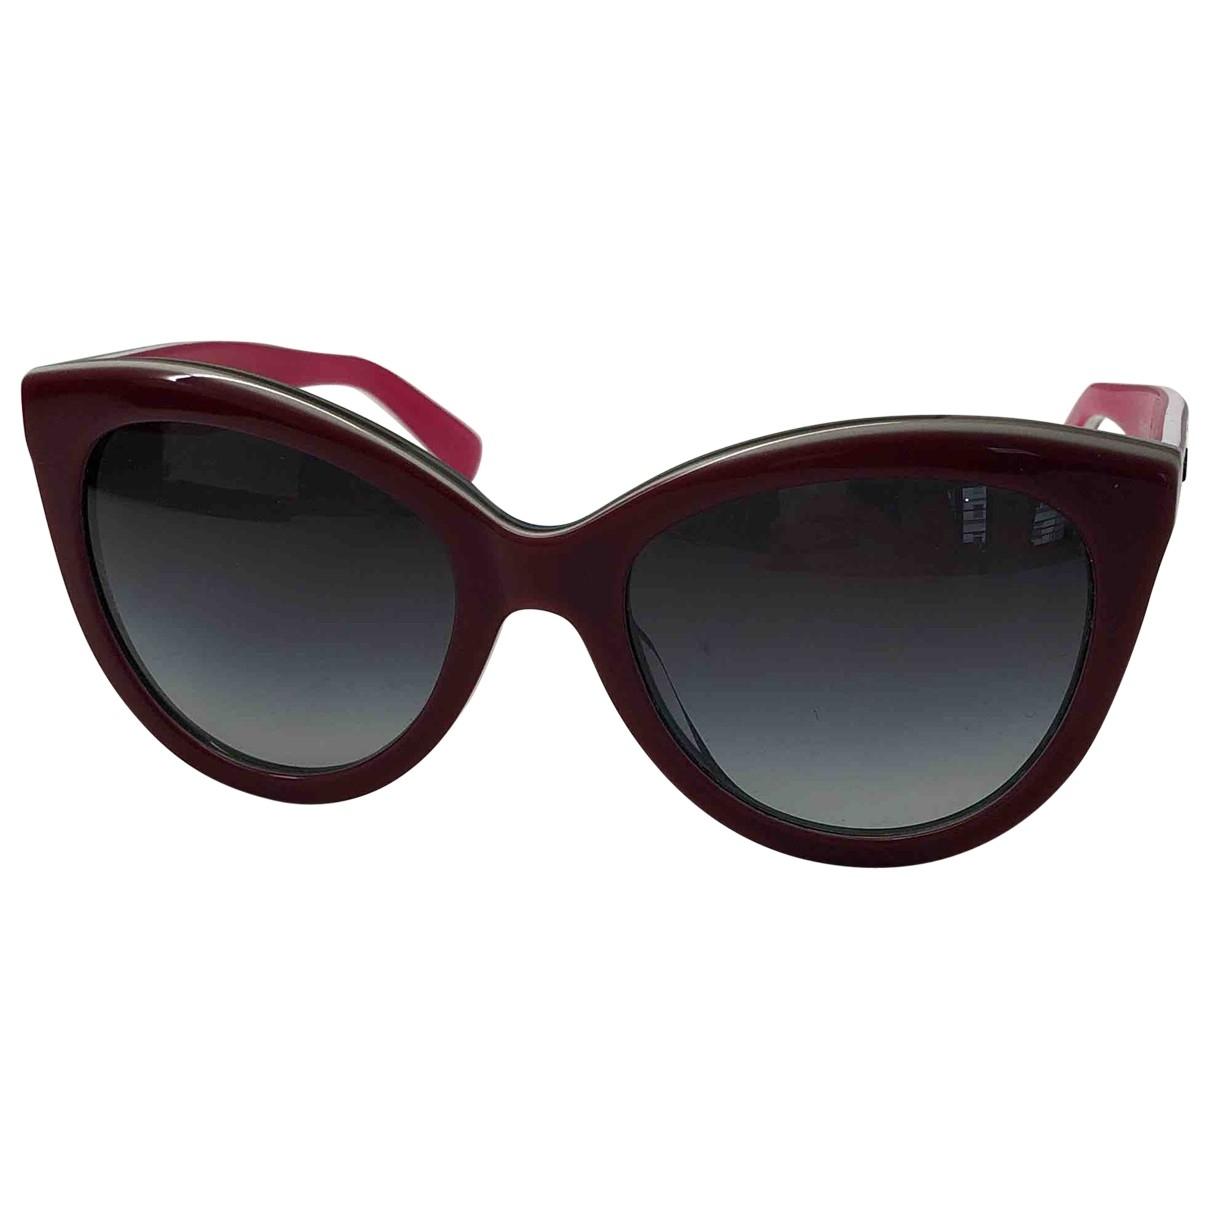 Dolce & Gabbana - Lunettes   pour femme - bordeaux